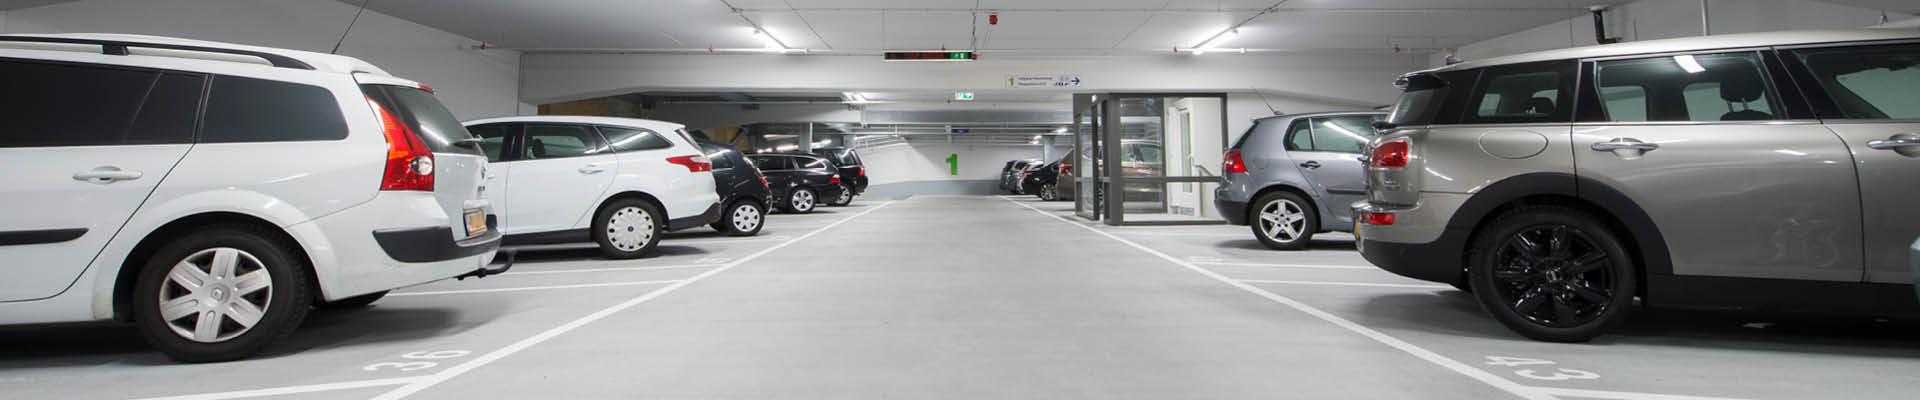 Alsan PMMA parkeergarage Heuvelpoort Tilburg